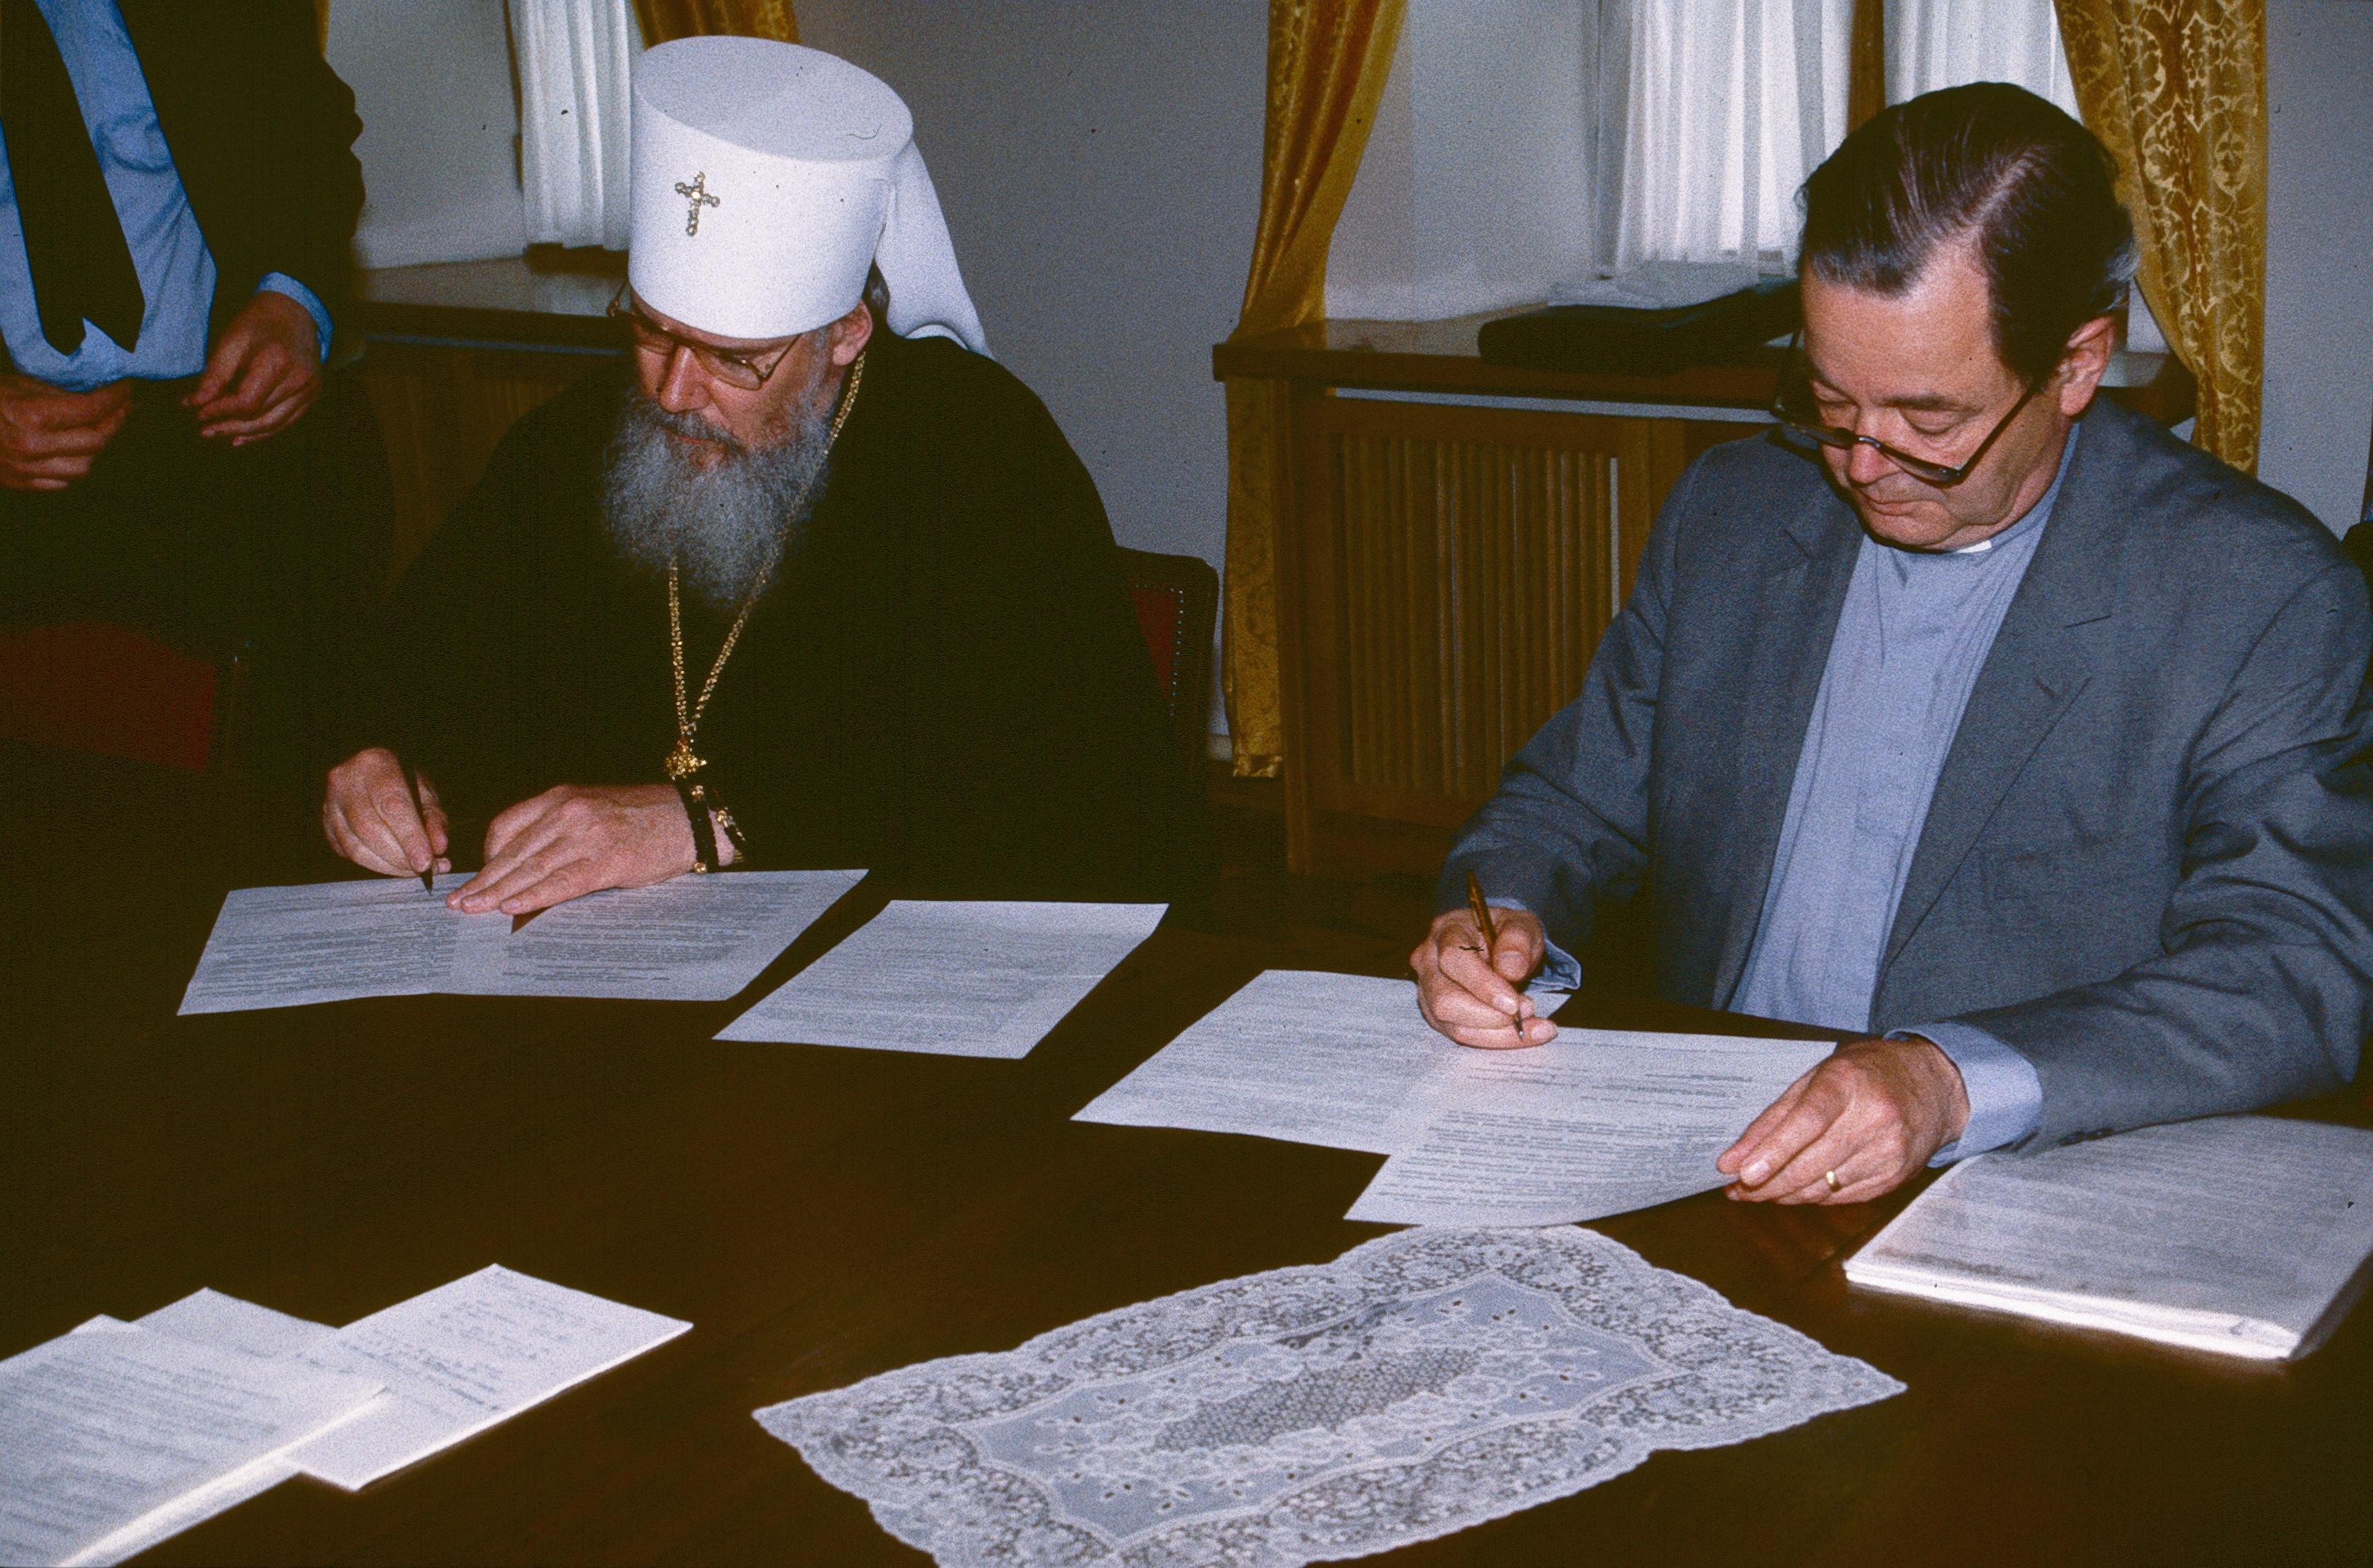 Митрополит Ленинградский Алексий и Ханс Флорин подписывают соглашение о сотрудничестве